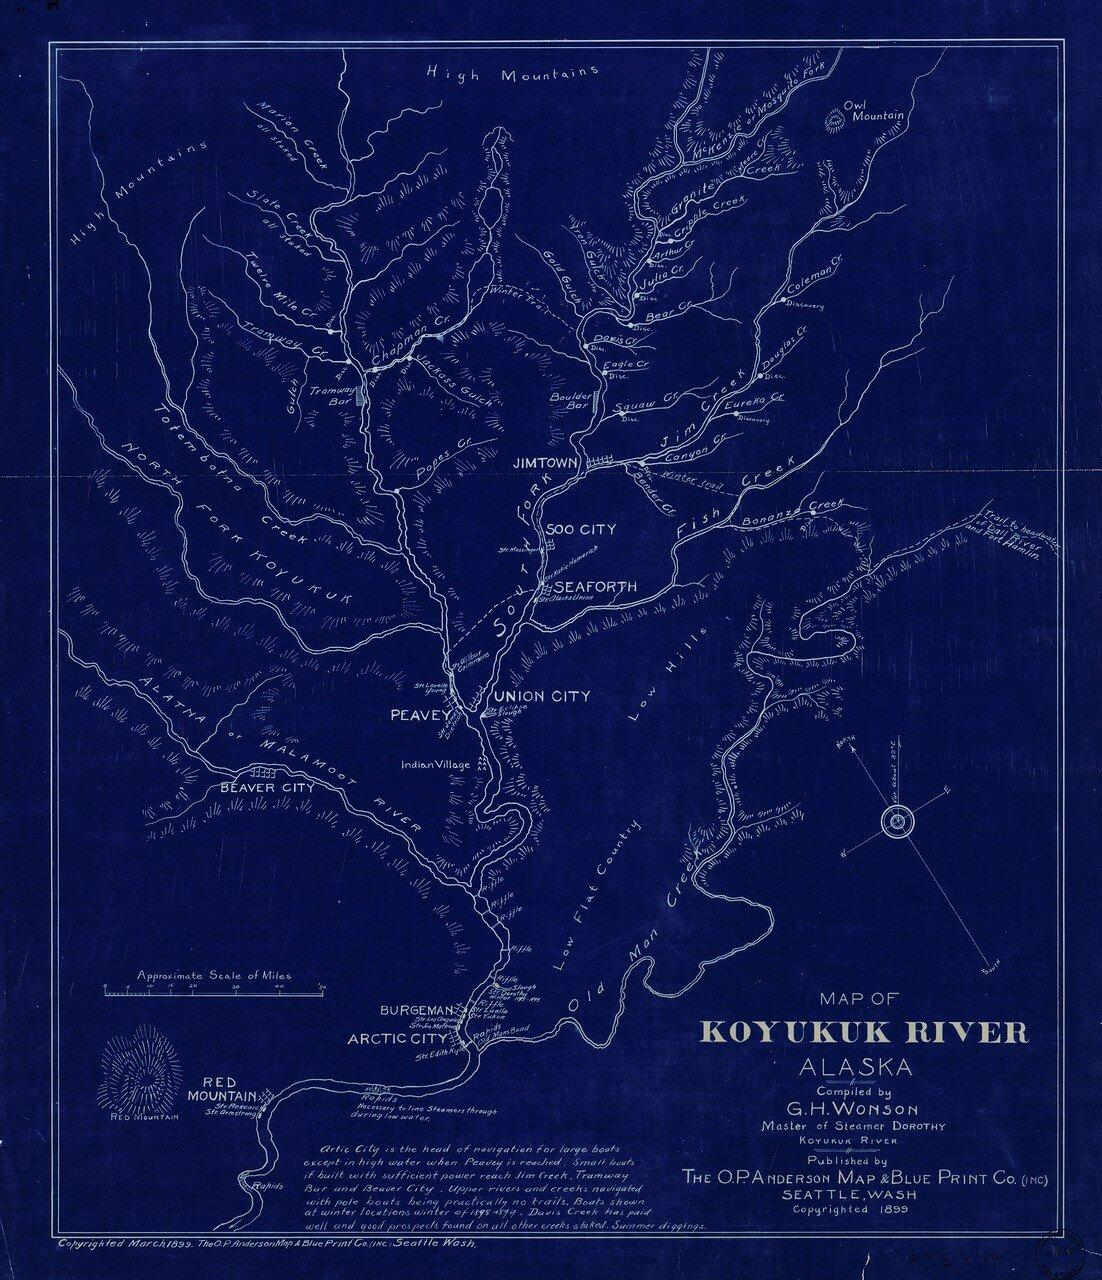 1899. Карта реки Коюкук на Аляске